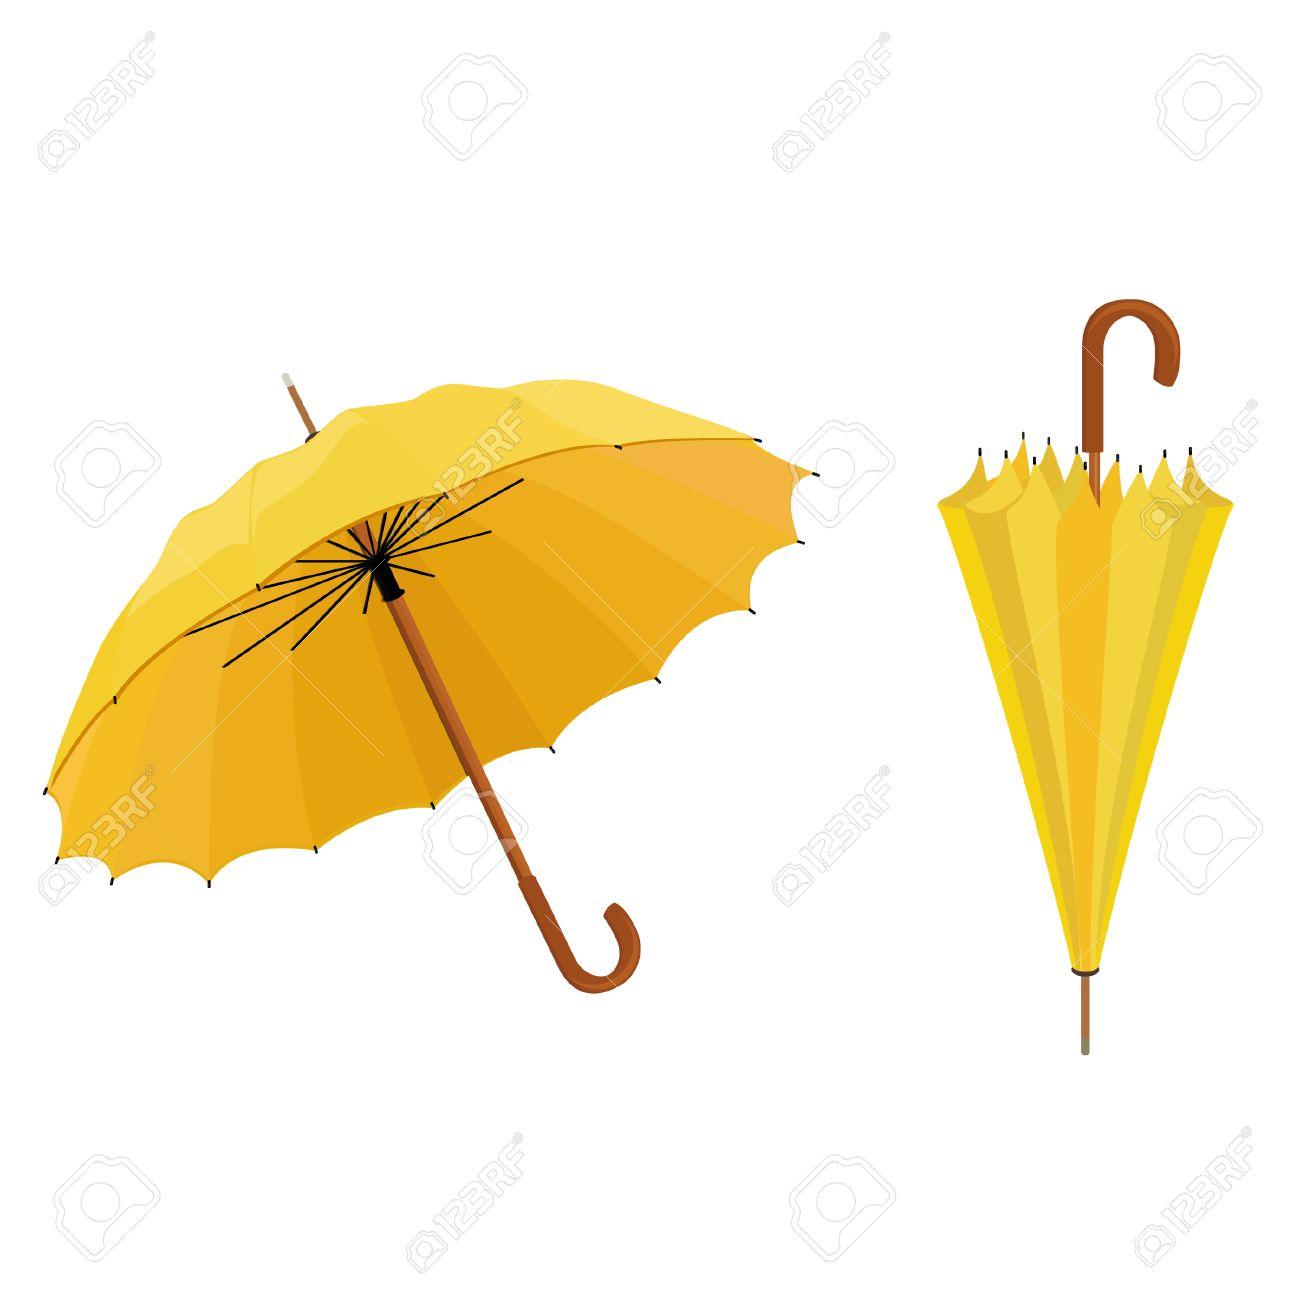 Charmant Regenschirm Schablone Bilder - FORTSETZUNG ARBEITSBLATT ...